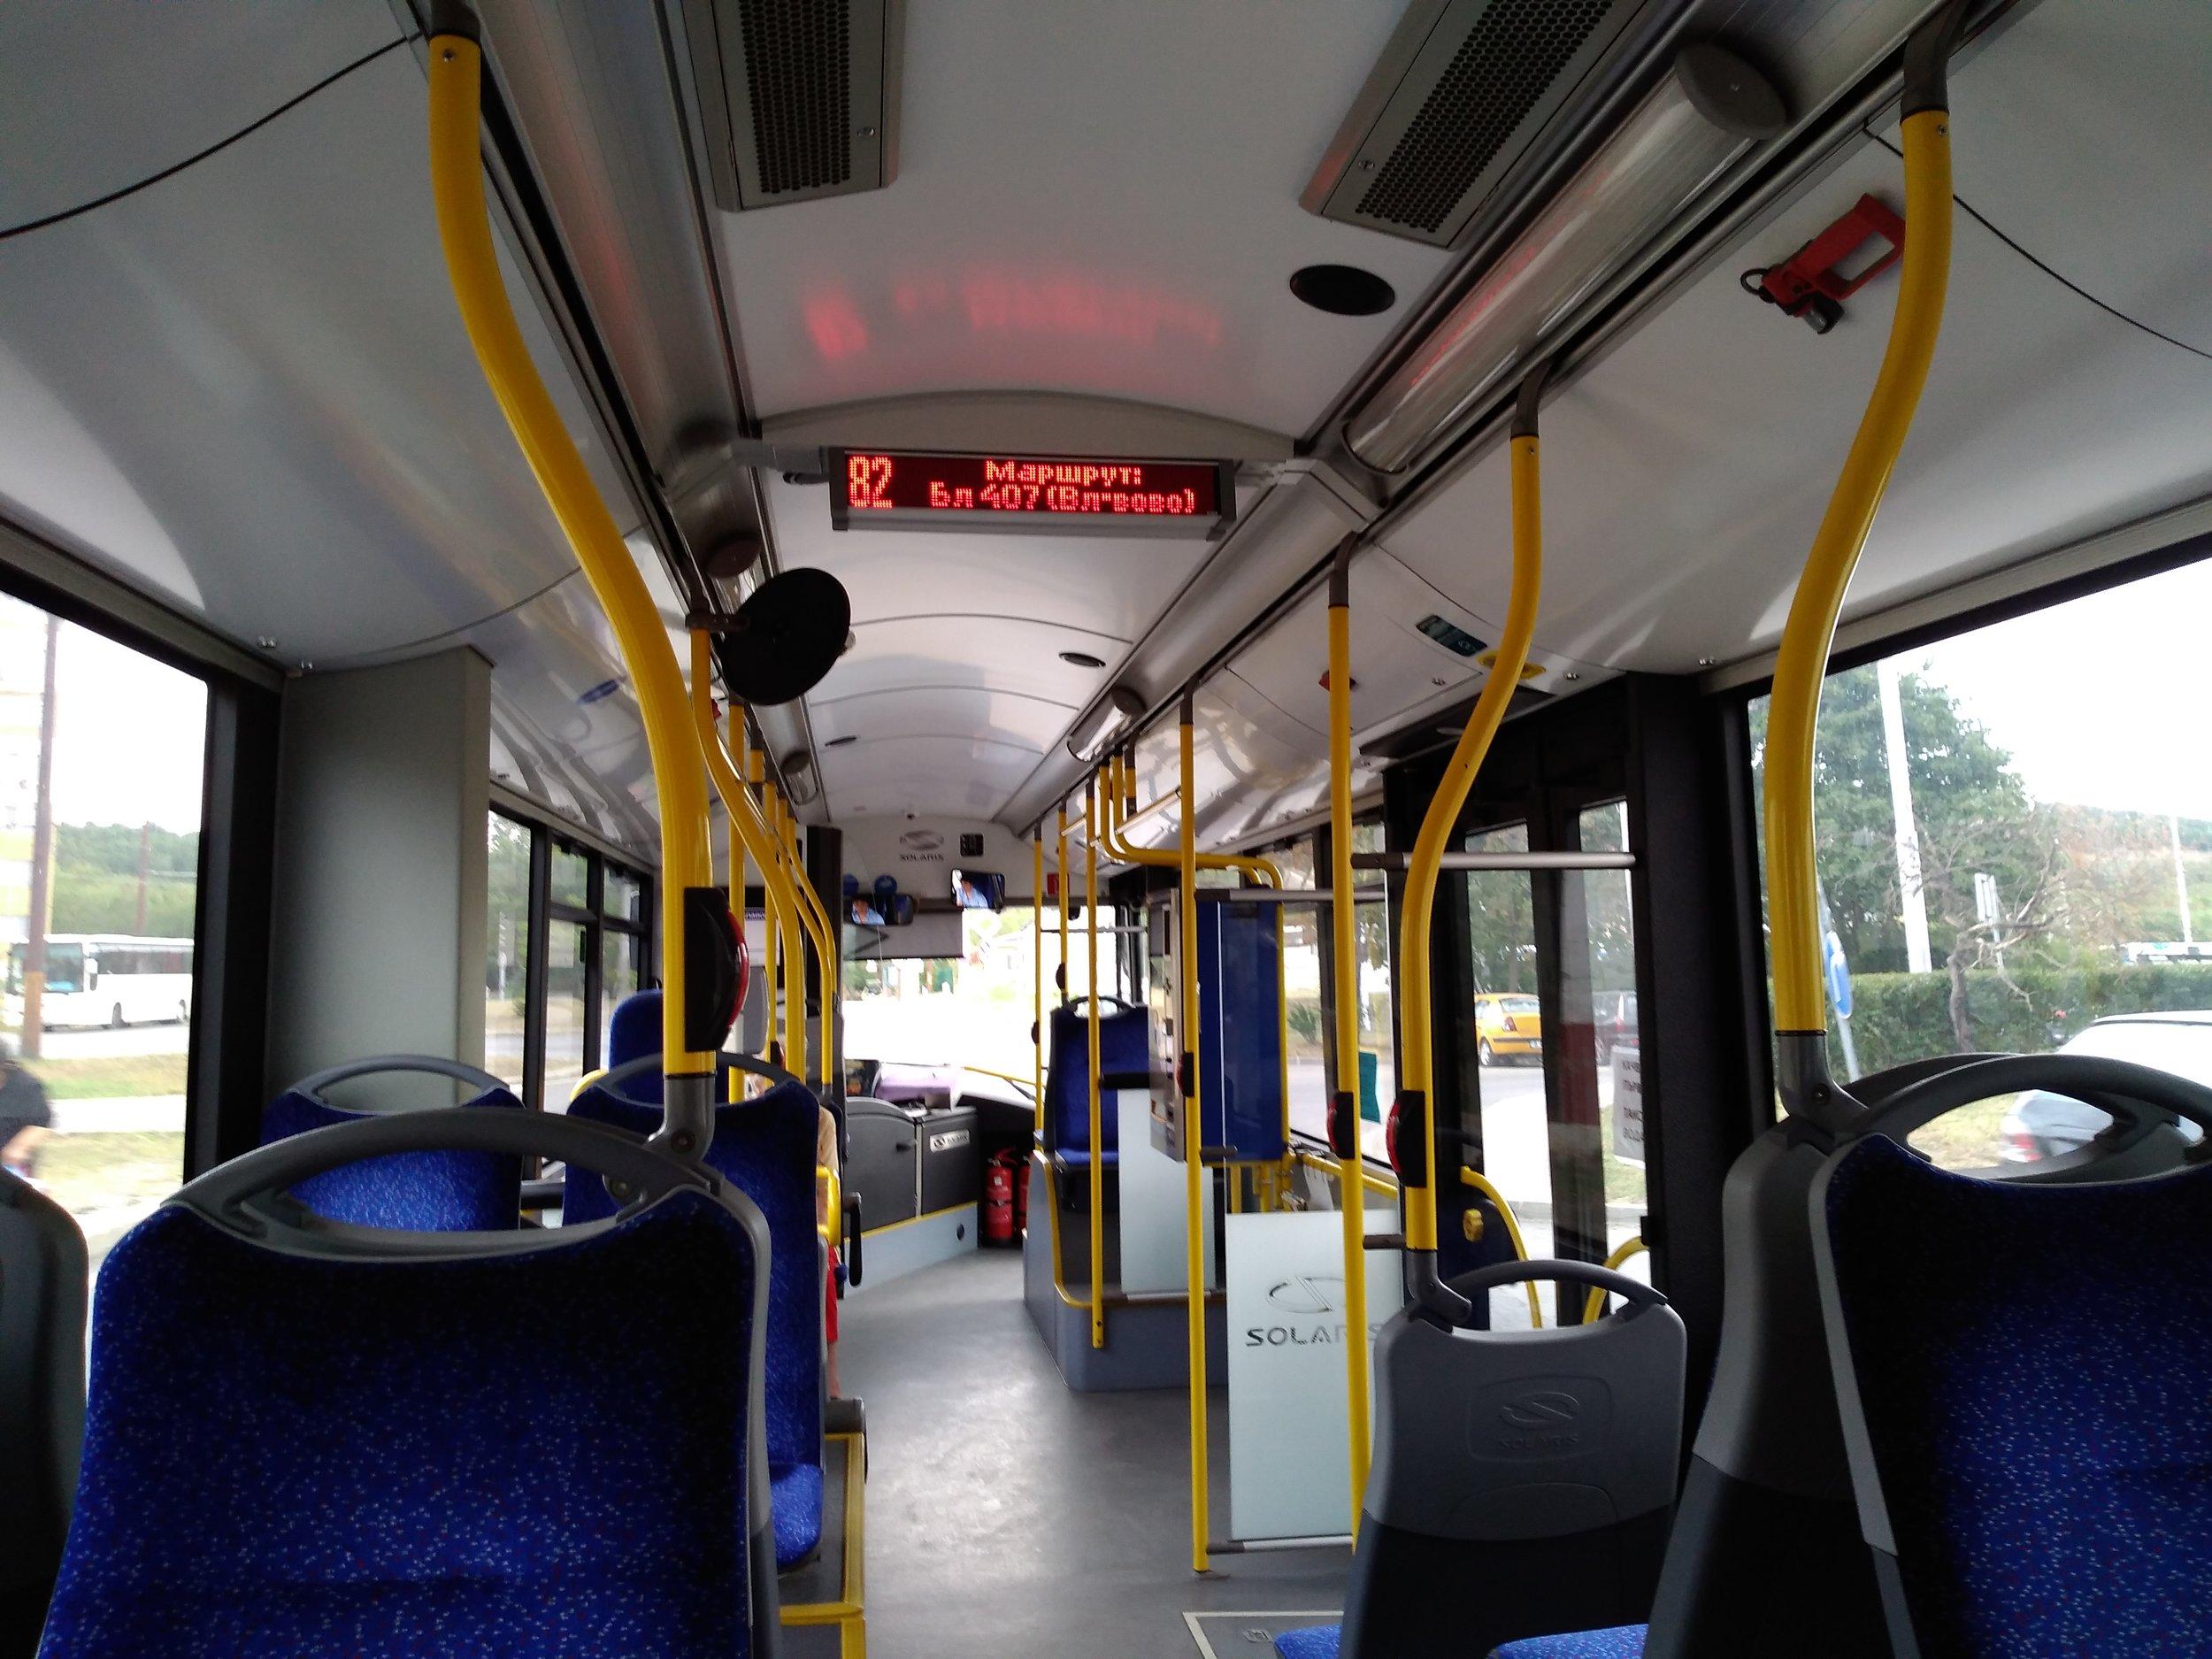 Interiér trolejbusů je i po pěti letech čistý.